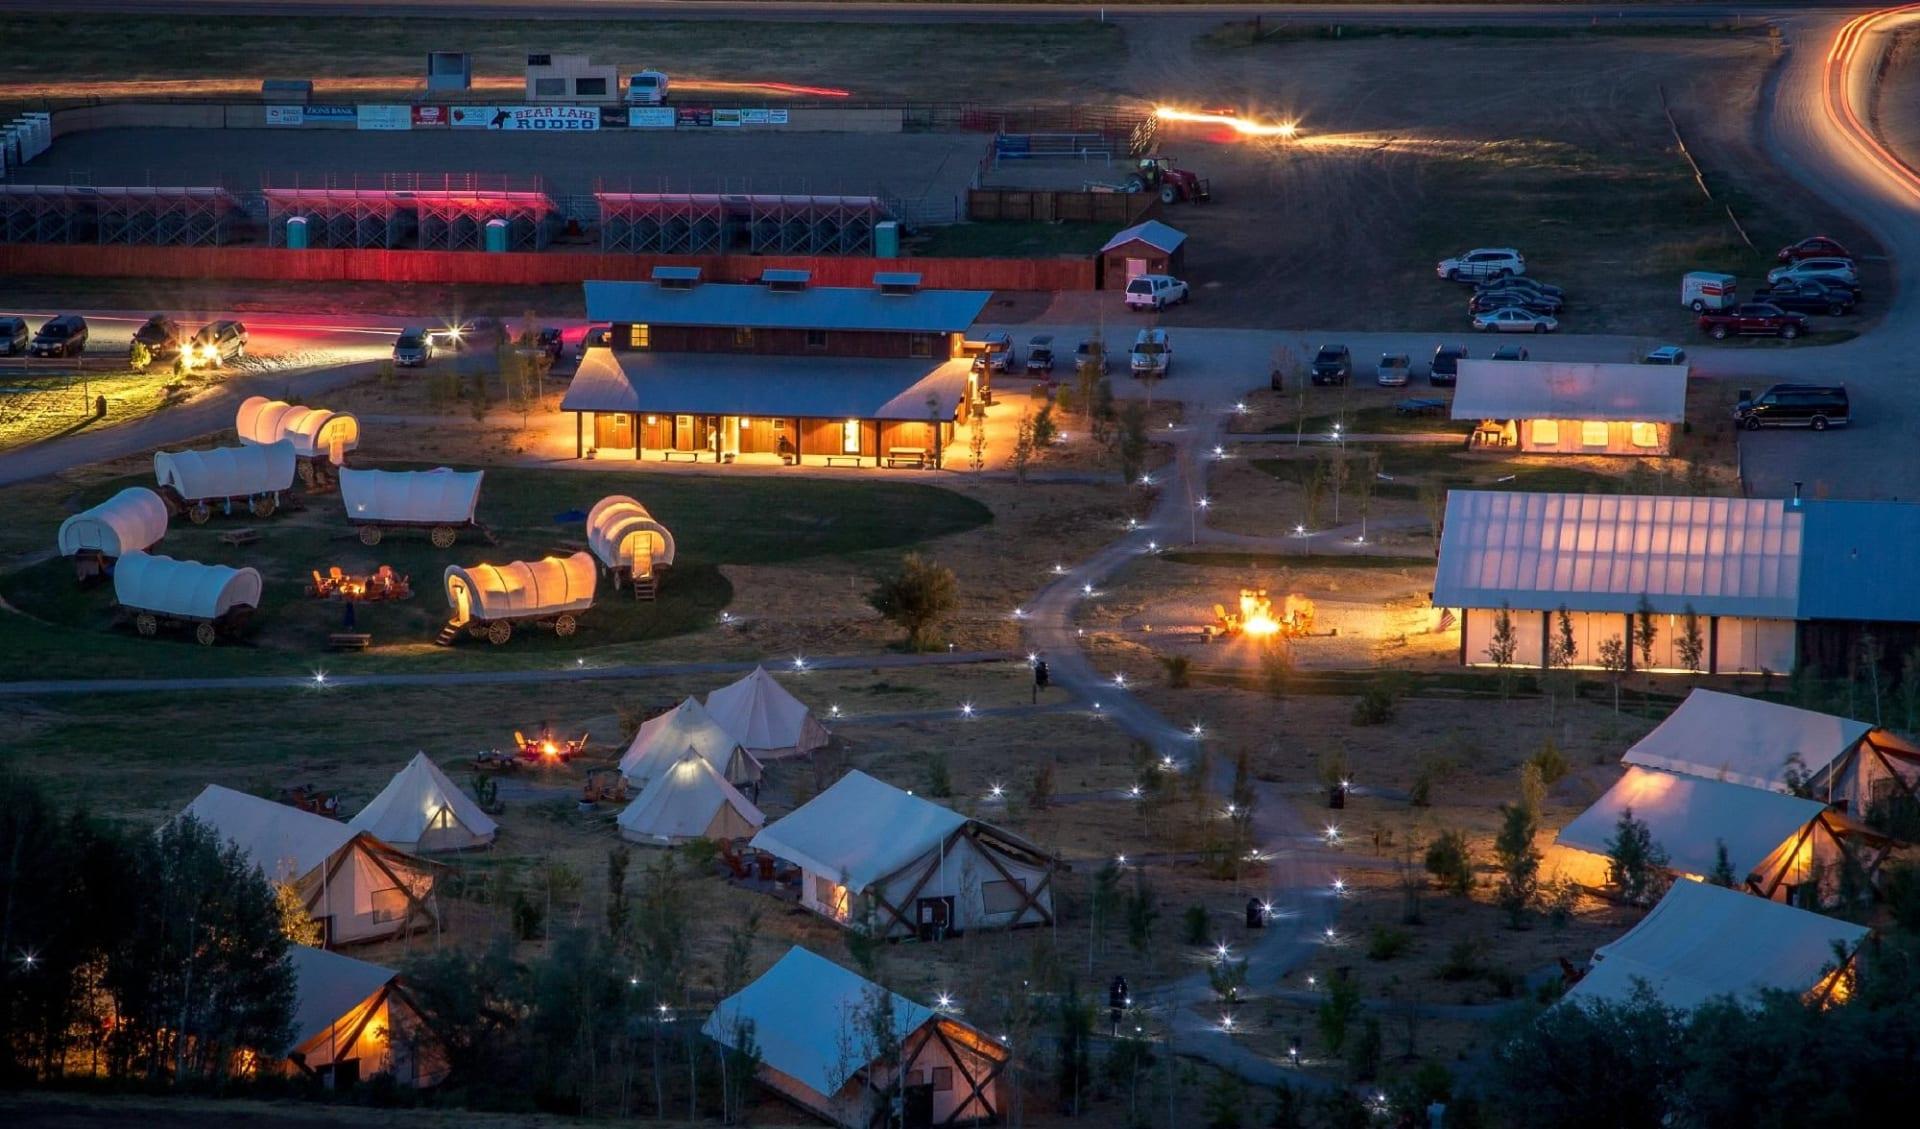 Conestoga Guest Ranch in Garden City:  Conestoga Ranch 1A